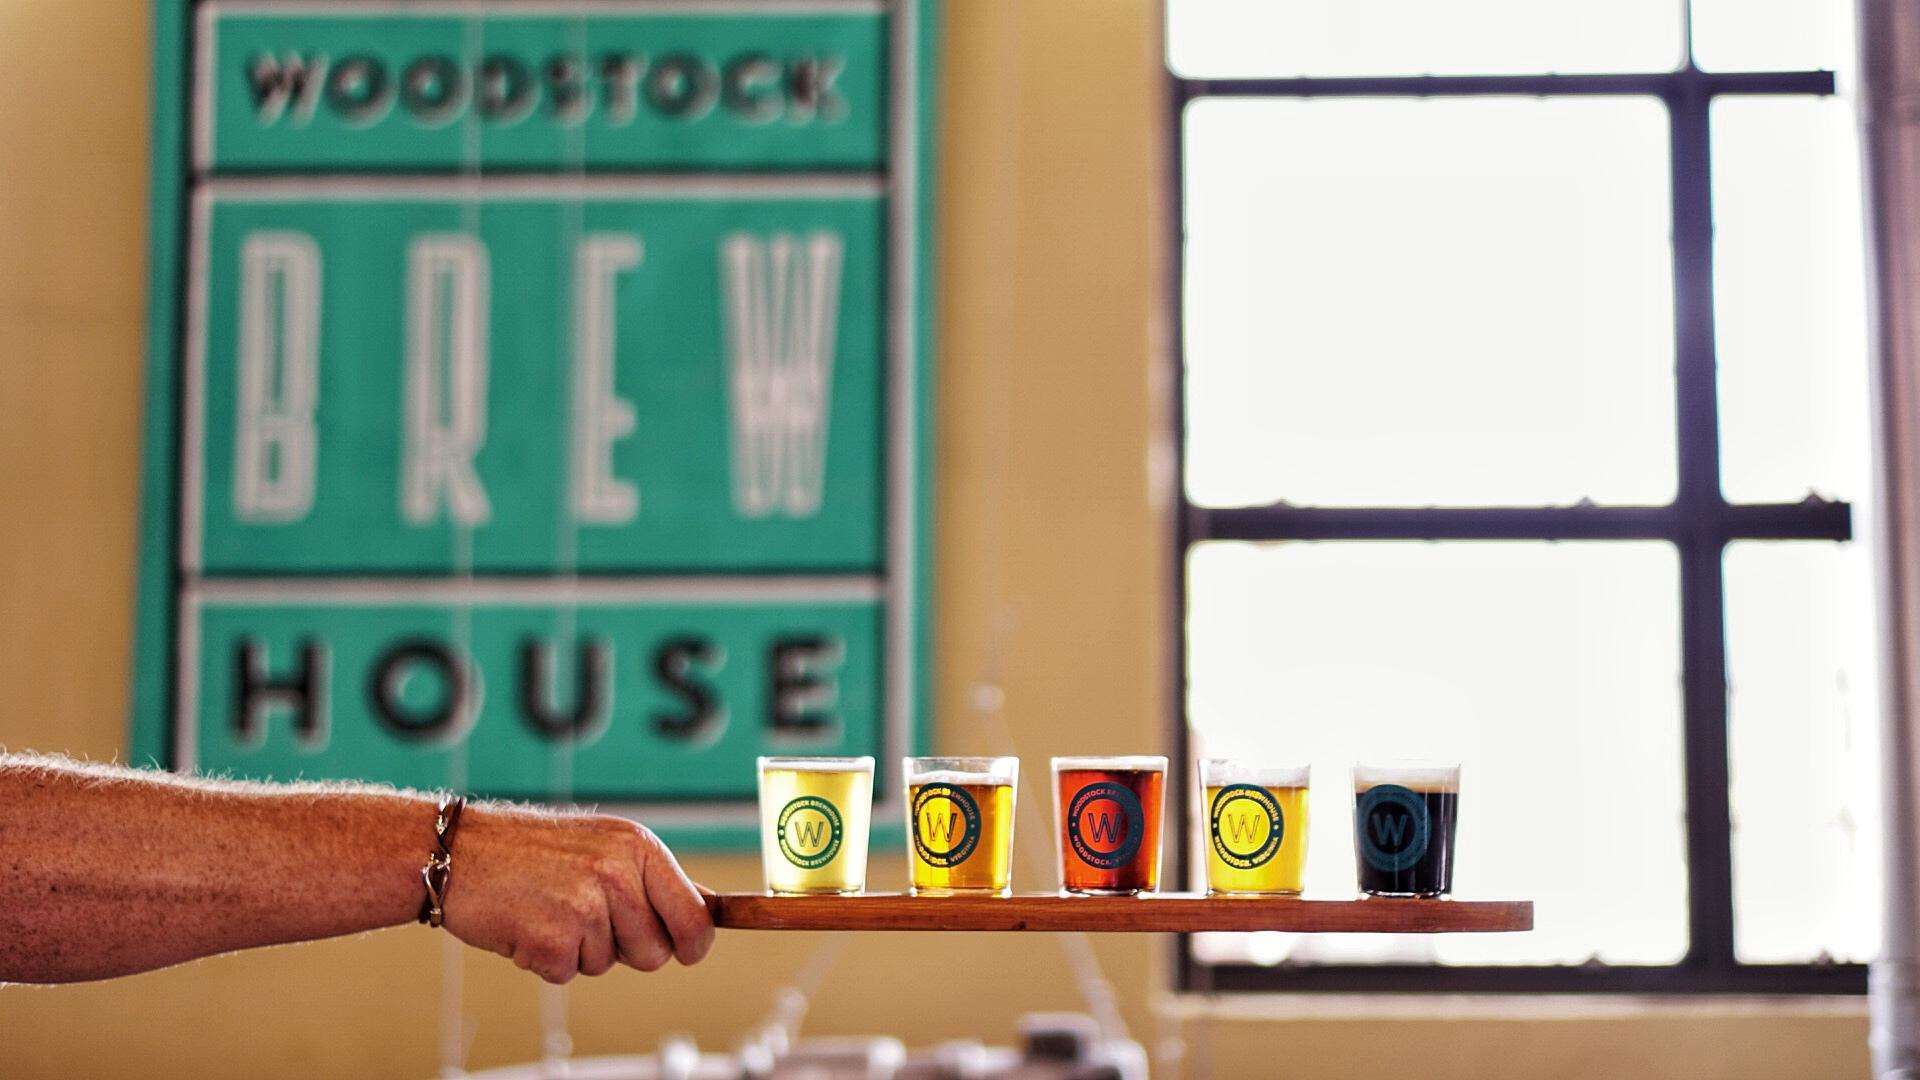 A flight of beers at Woodstock Brewhouse in Virginia